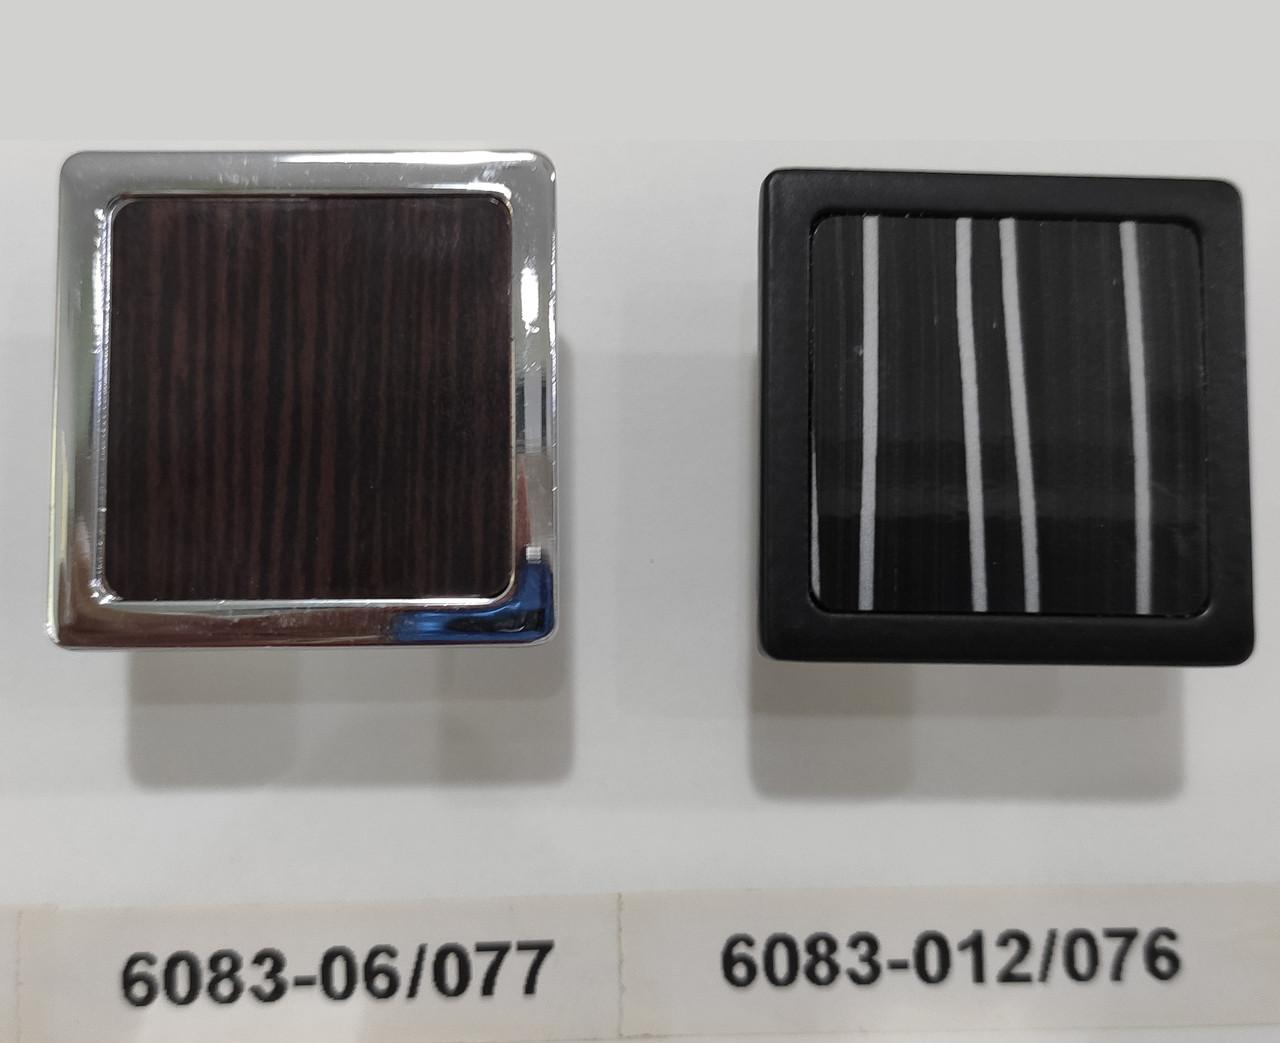 Ручка мебельная Ozkardesler 6083-06/077 SIRA DUGME Хром-Зебрано